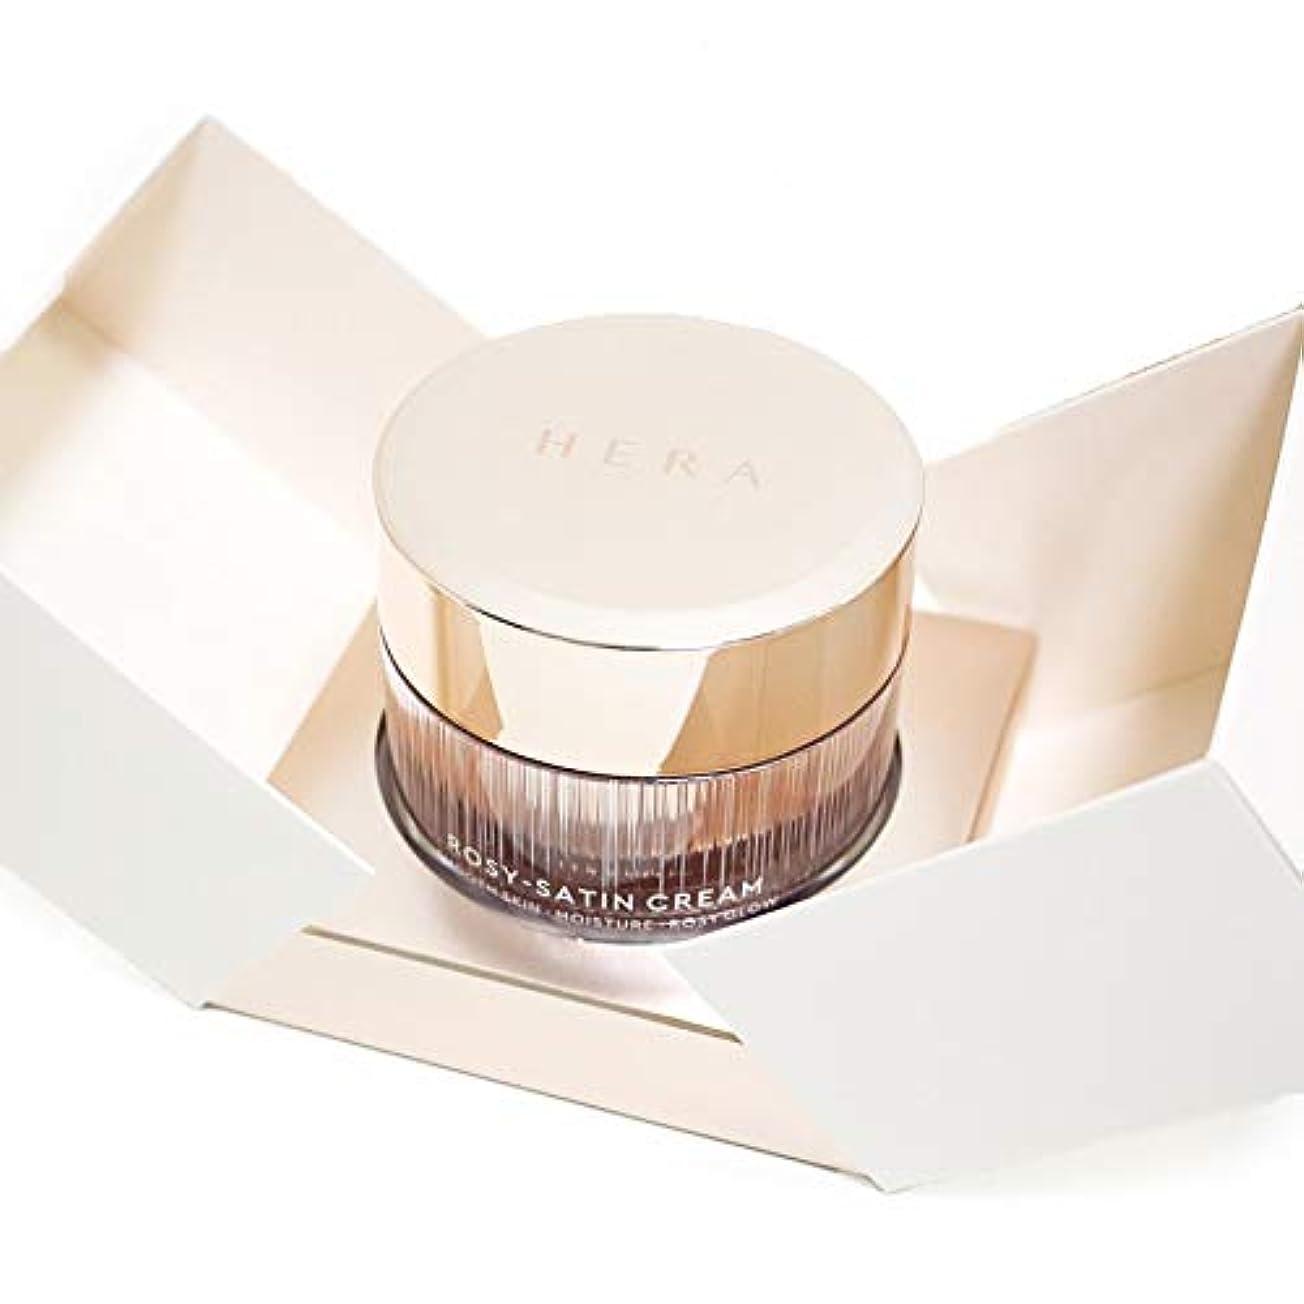 によって全体運命的な[ヘラ HERA] 新発売 ロージーサテンクリーム50ML Rosy-Satin Cream 50ml  海外直送品